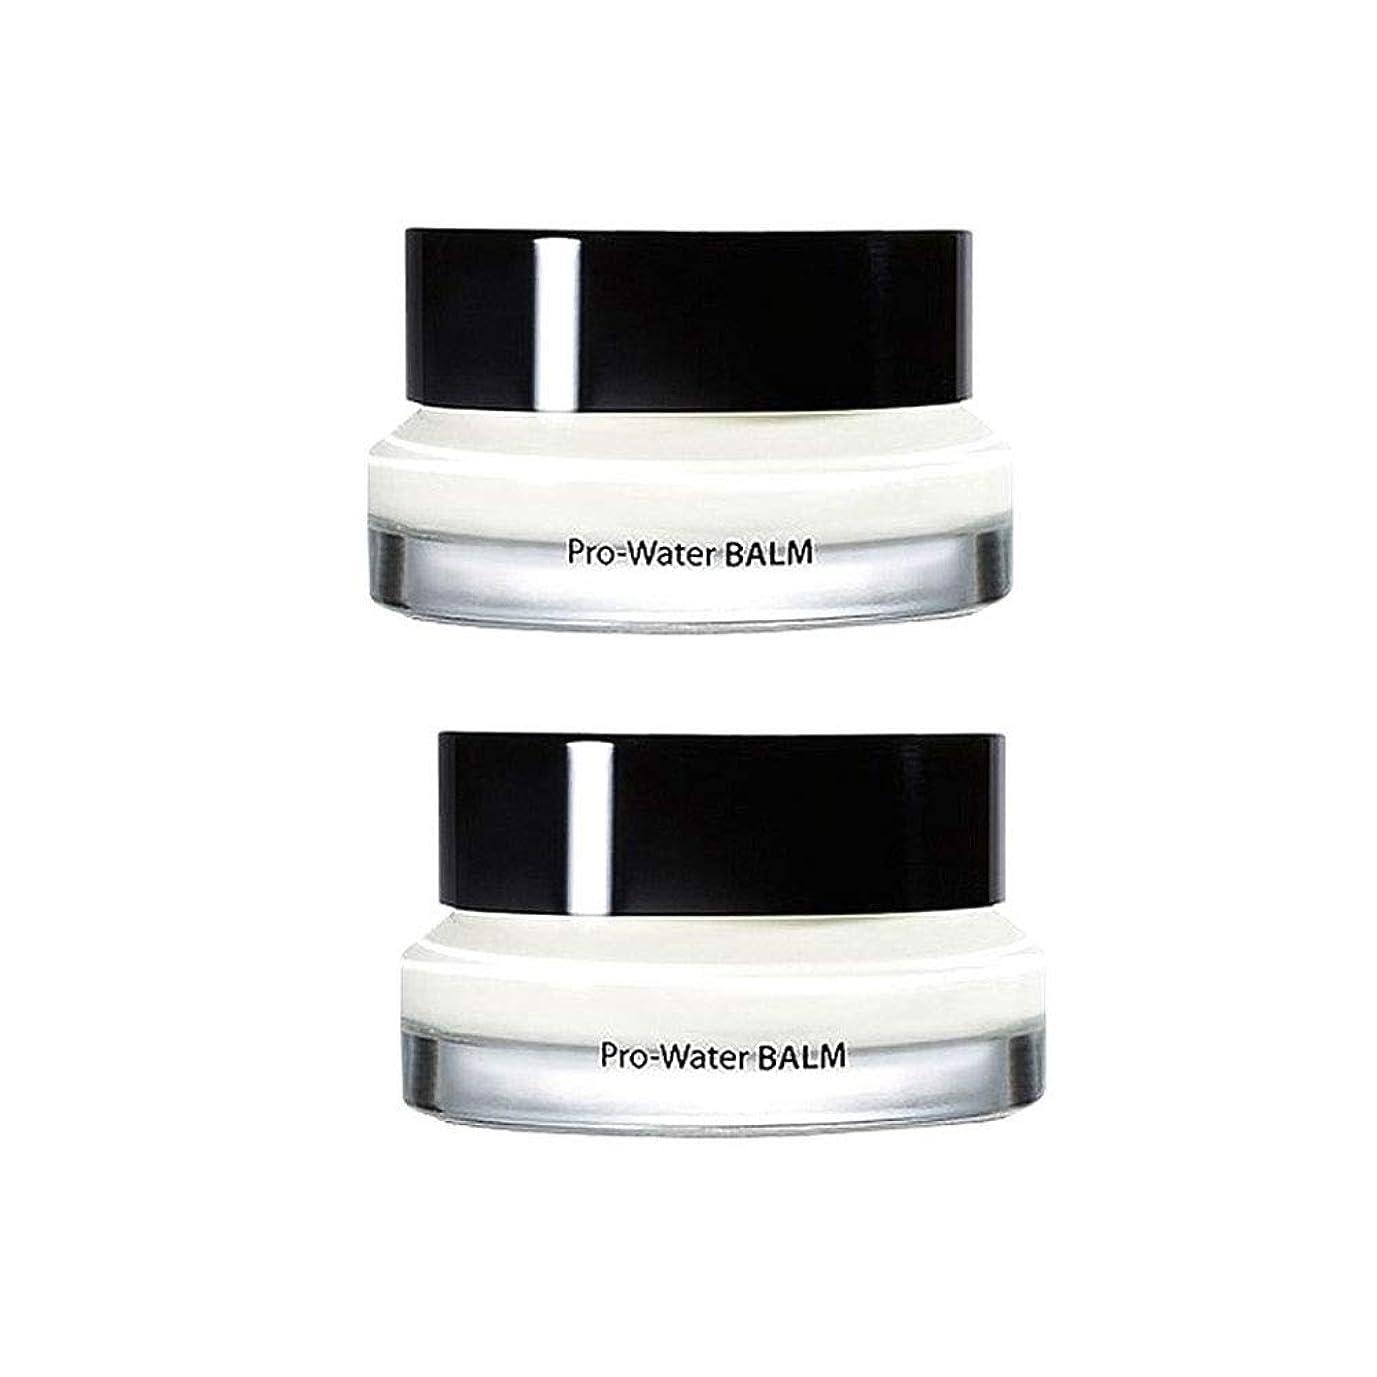 ブッシュテーマ旧正月ルナプロウォーターbalm 50mlx2本セット韓国コスメ、Luna Pro-Water Balm 50ml x 2ea Set Korean Cosmetics [並行輸入品]